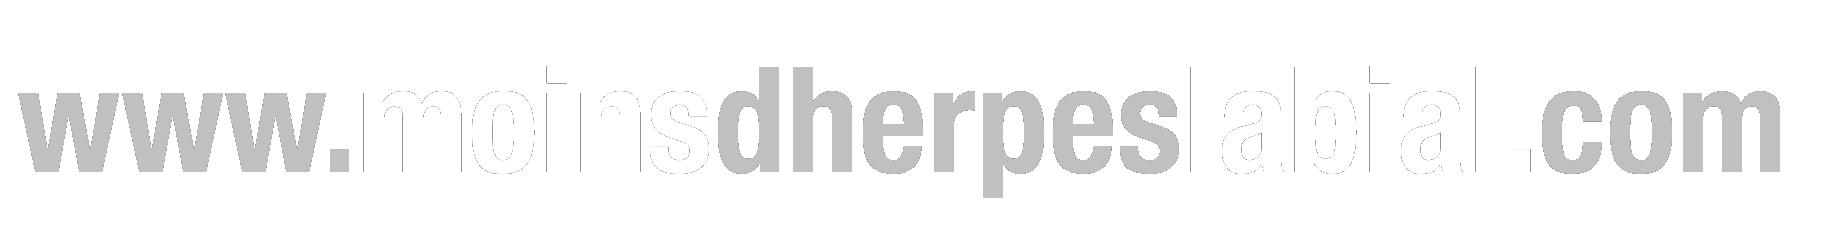 L'herpès labial est plus communément appelé bouton de fièvre à cause de l'apparition de vésicules en bouquet, sur ou autour des lèvres